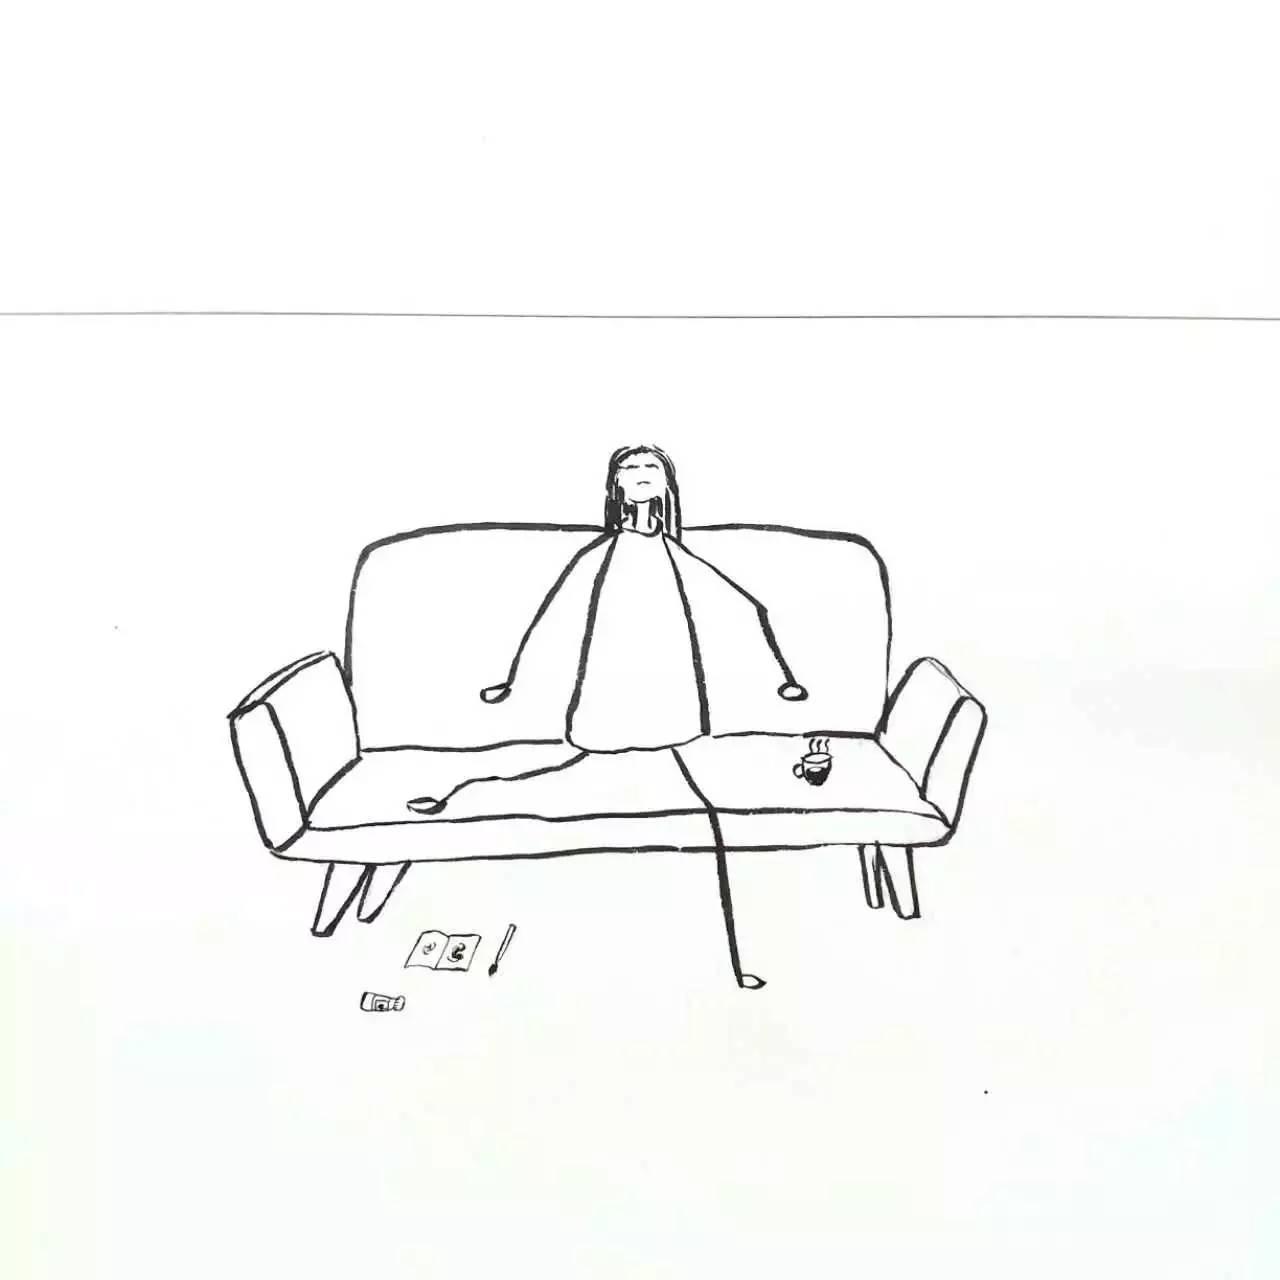 简笔画 设计图 手绘 线稿 1280_1280图片